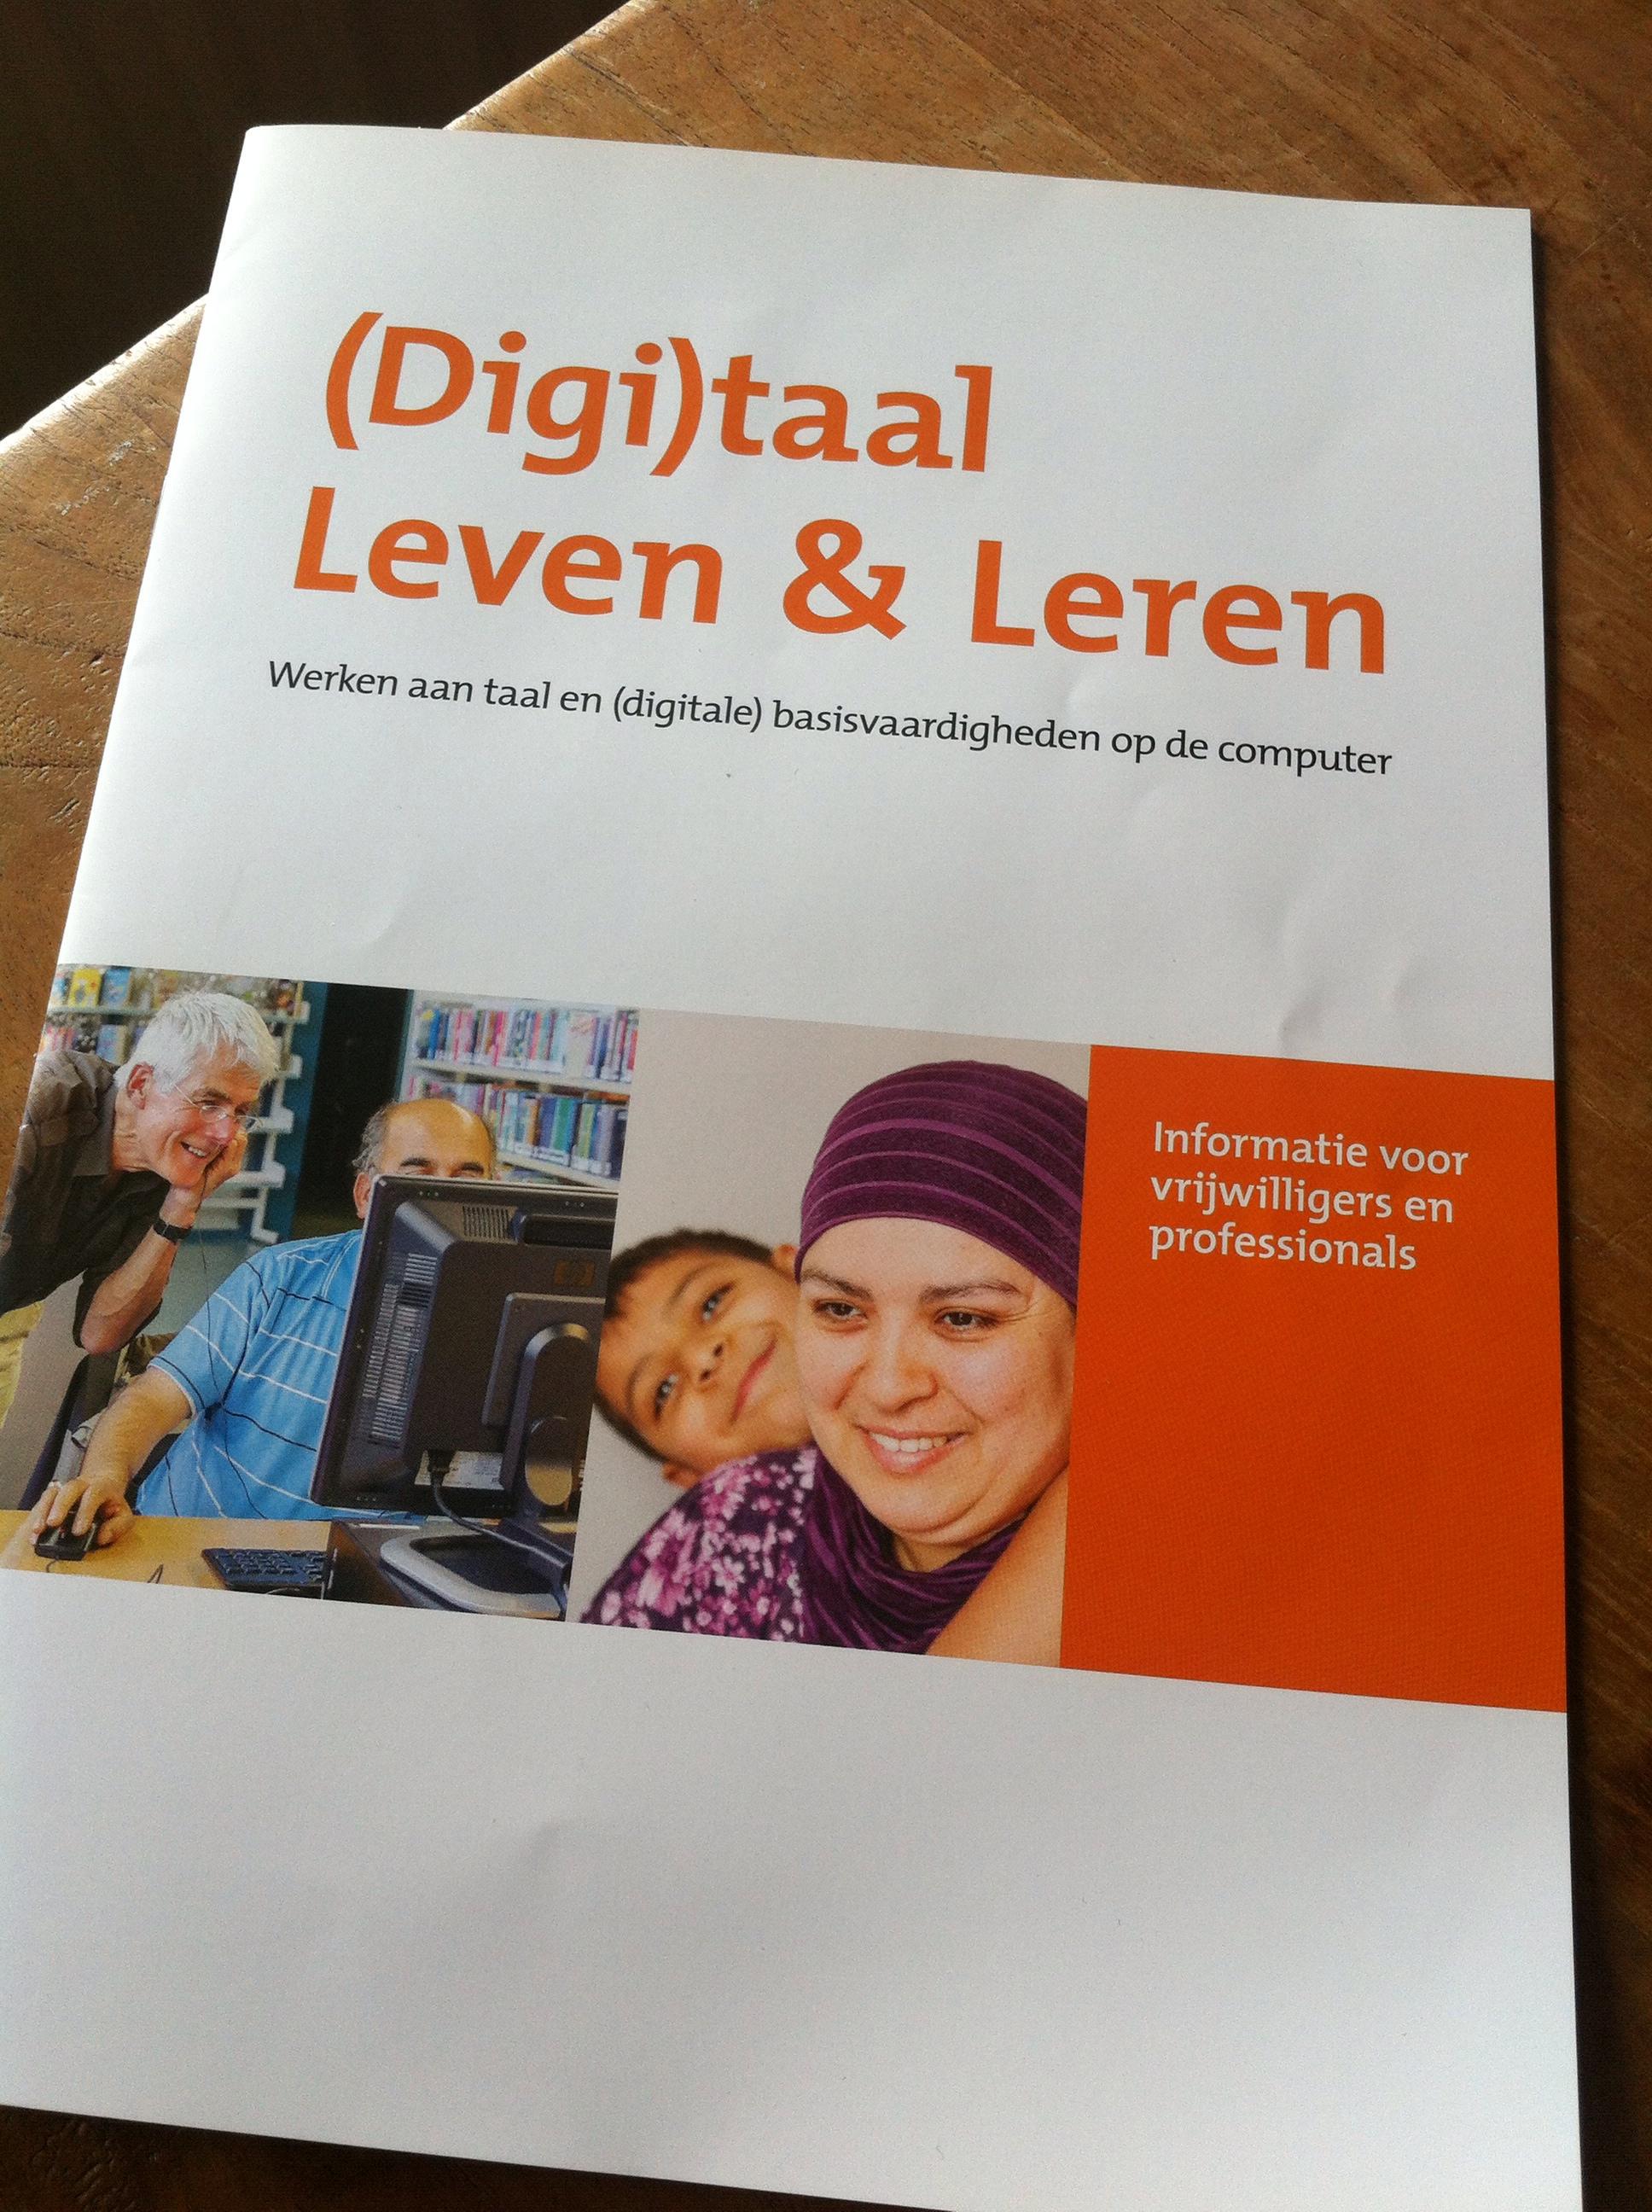 Digitaal Leren & Leven